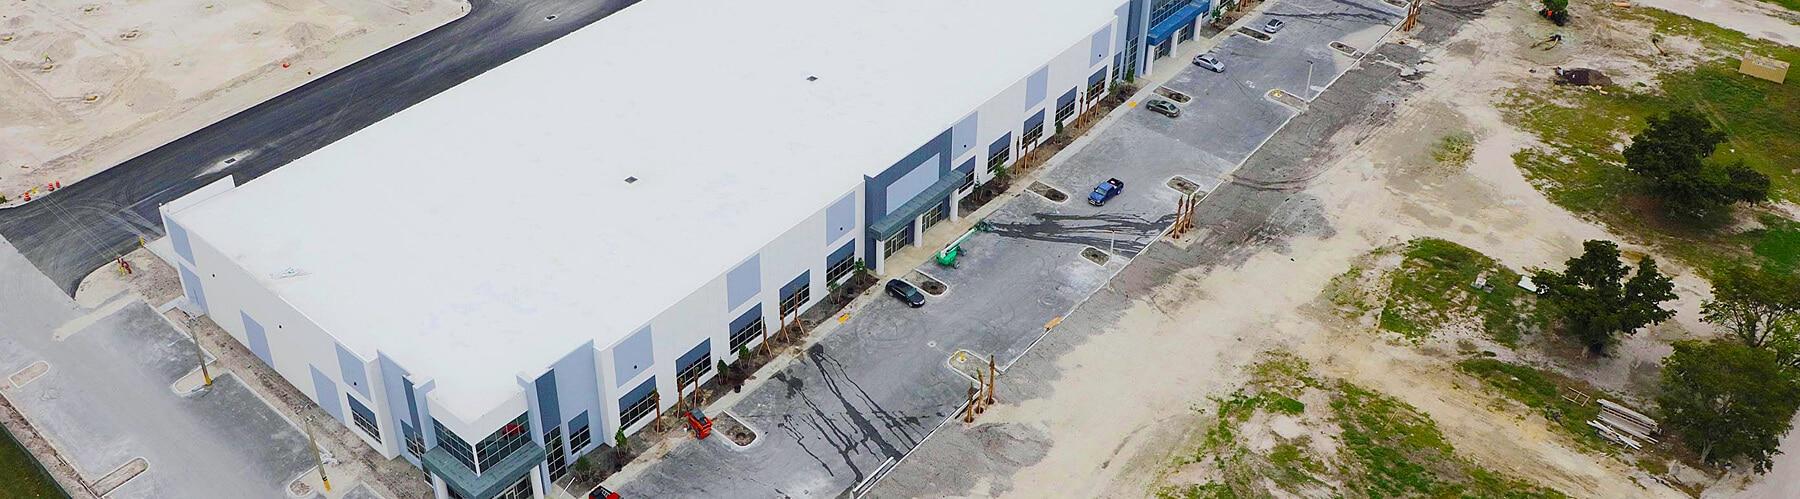 Miller Construction News